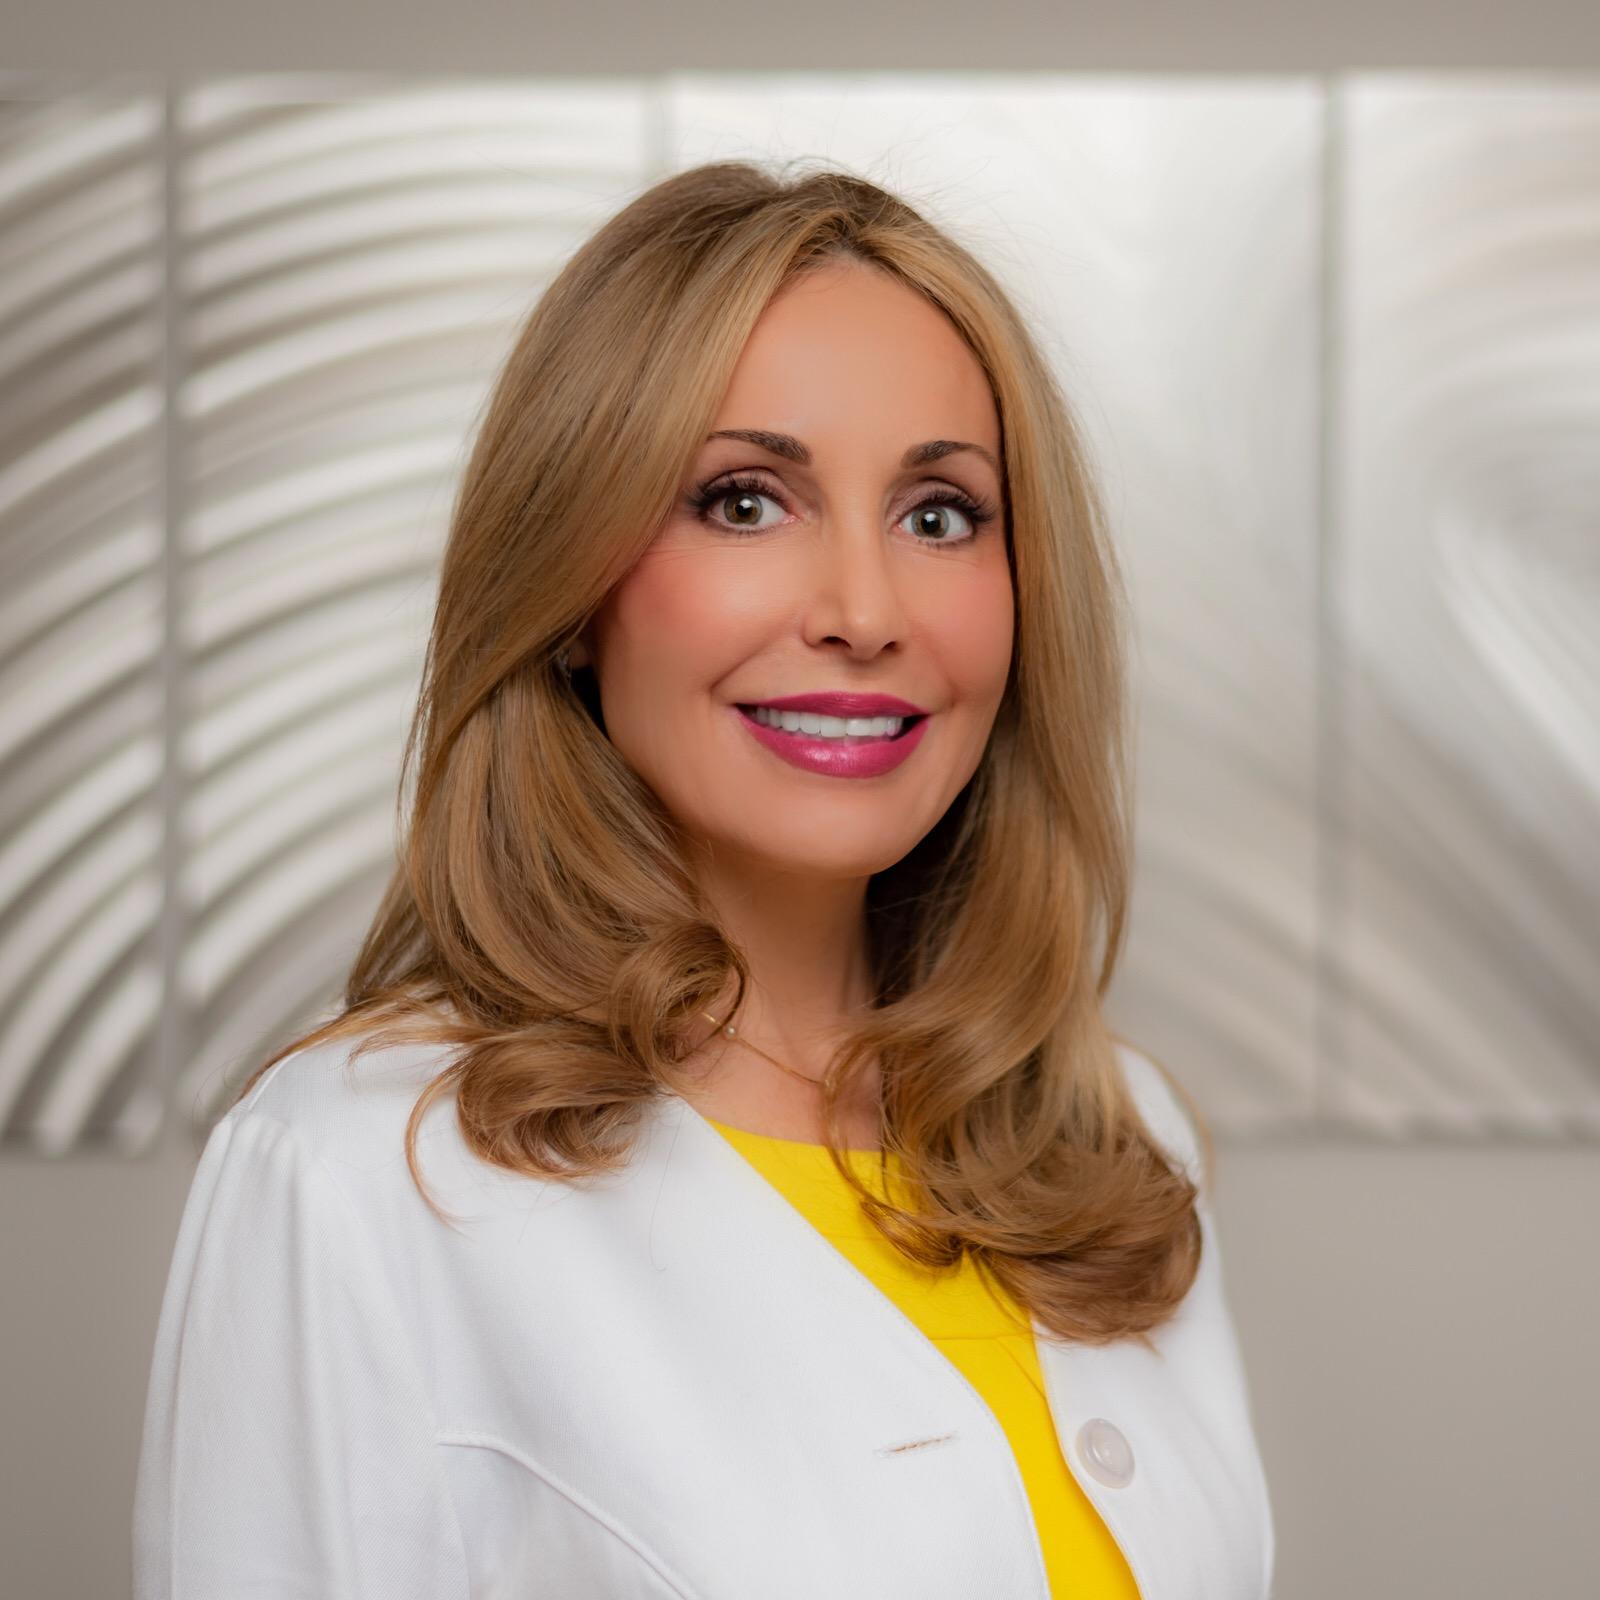 Dr. Margo Aura Emami